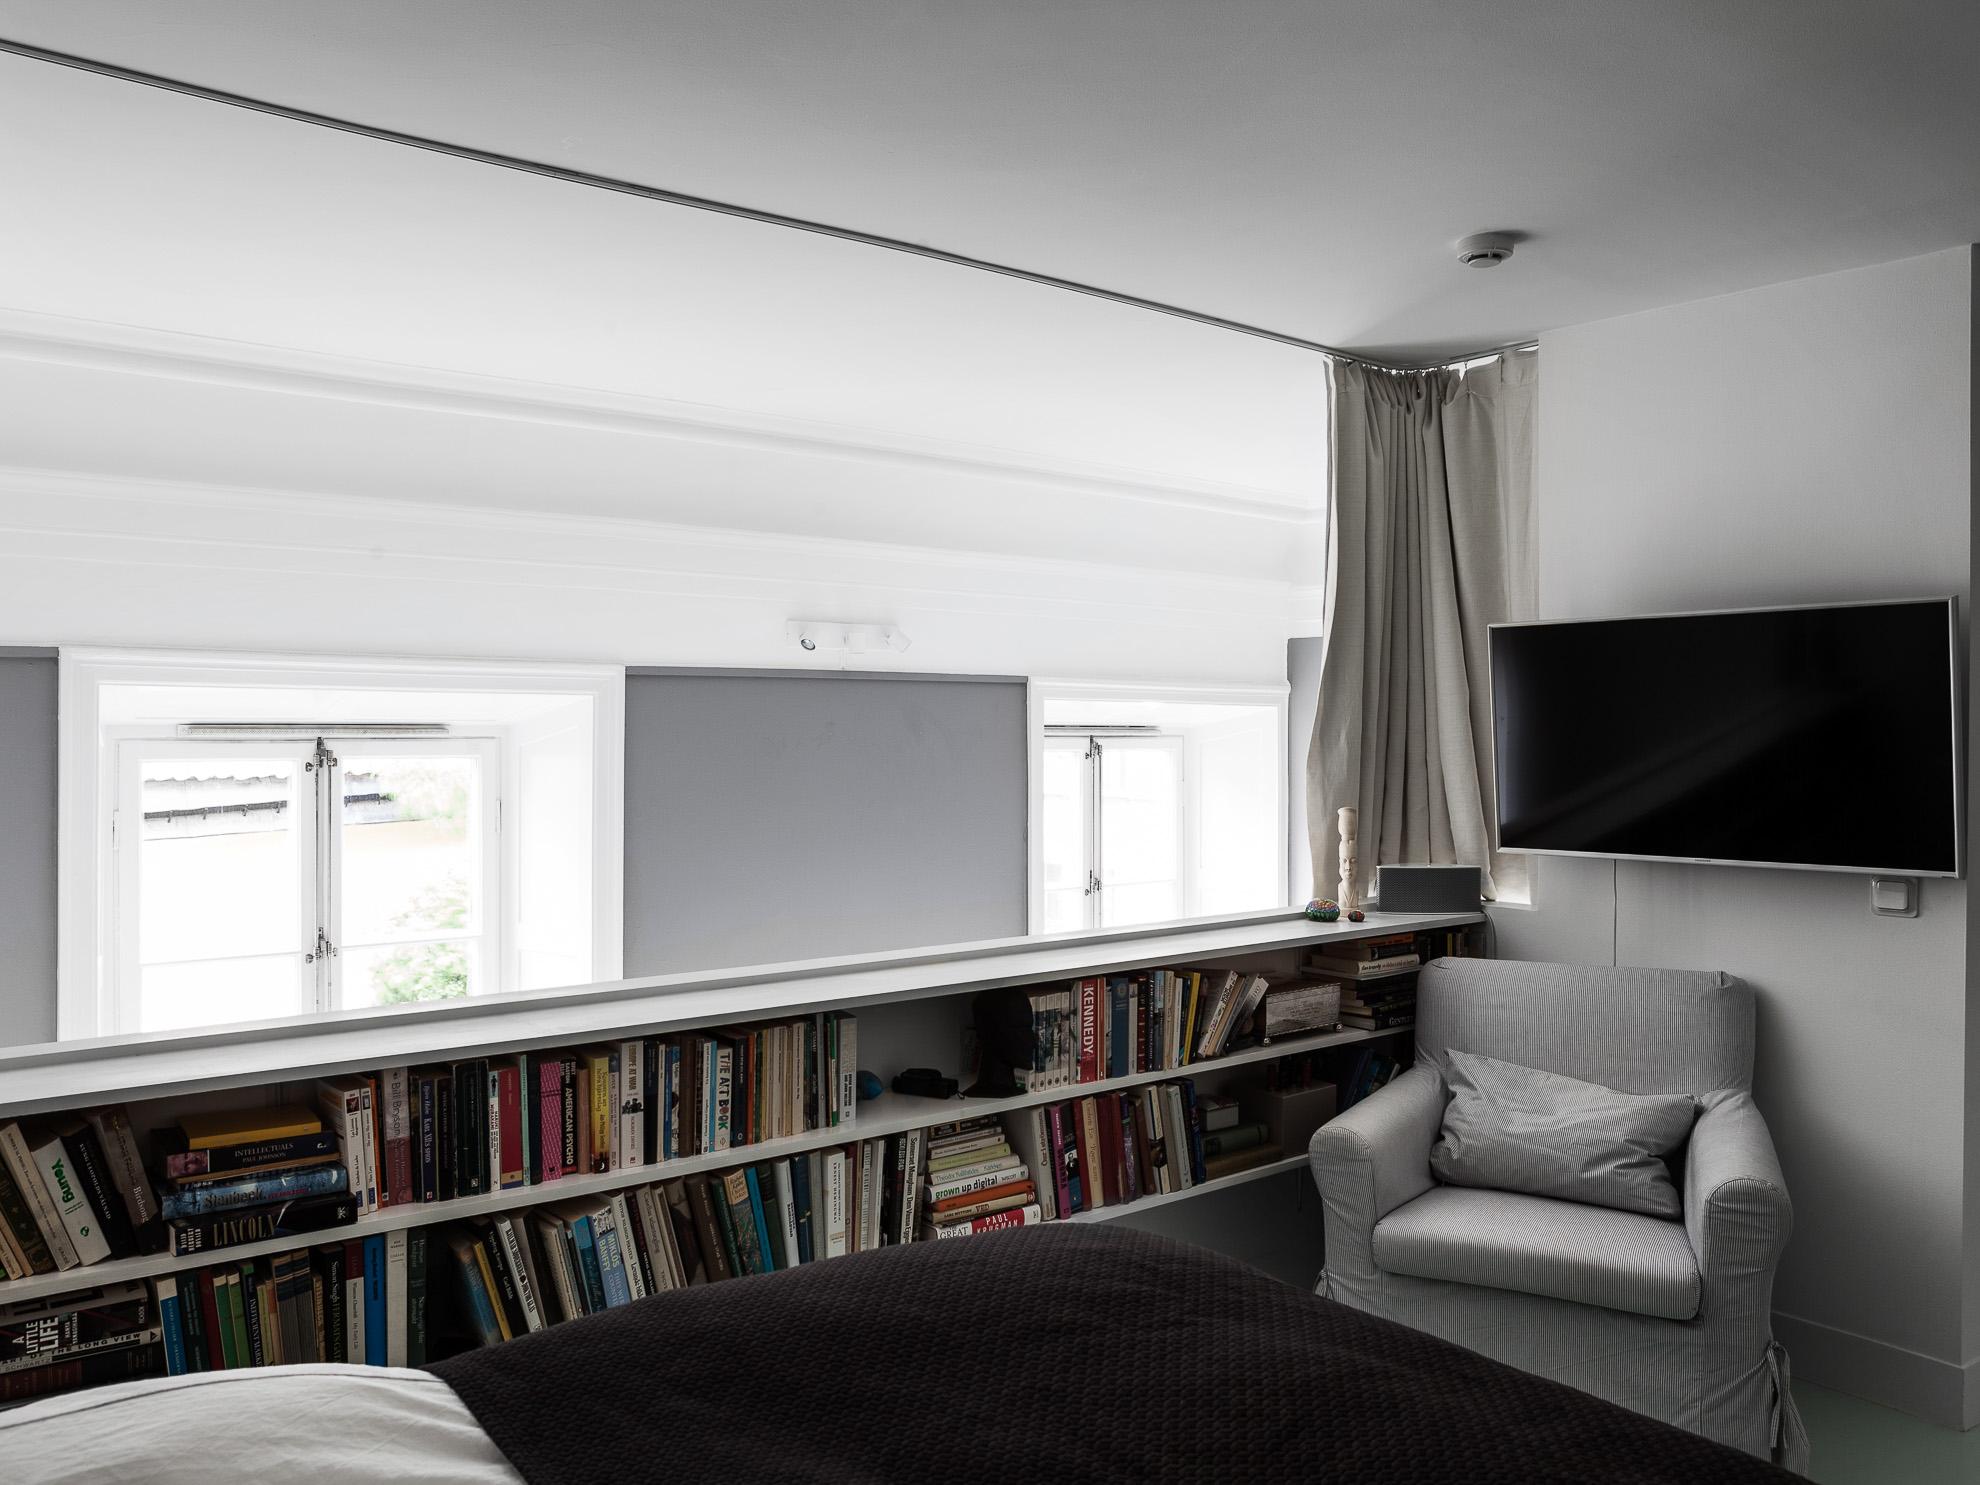 Vide slaapkamer in een Scandinavisch appartement